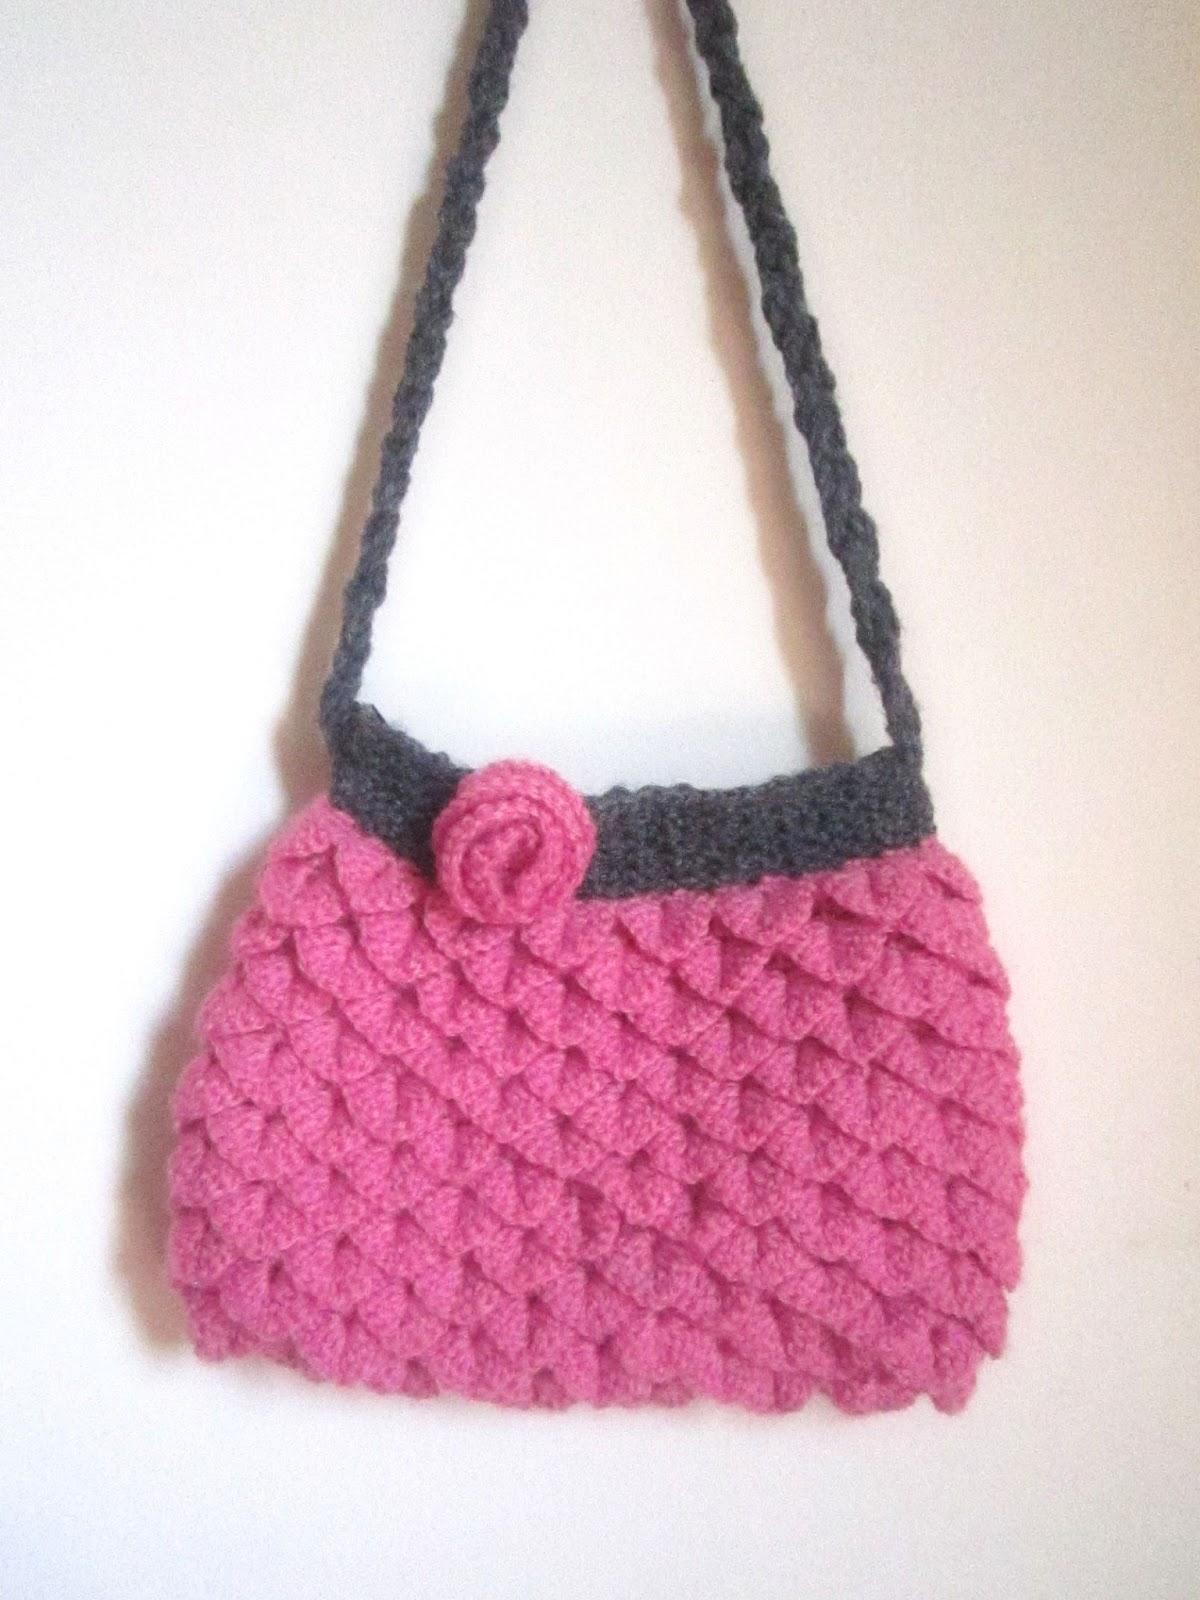 Sling bag crochet - My Crochet Project Mermaid Tears Purse